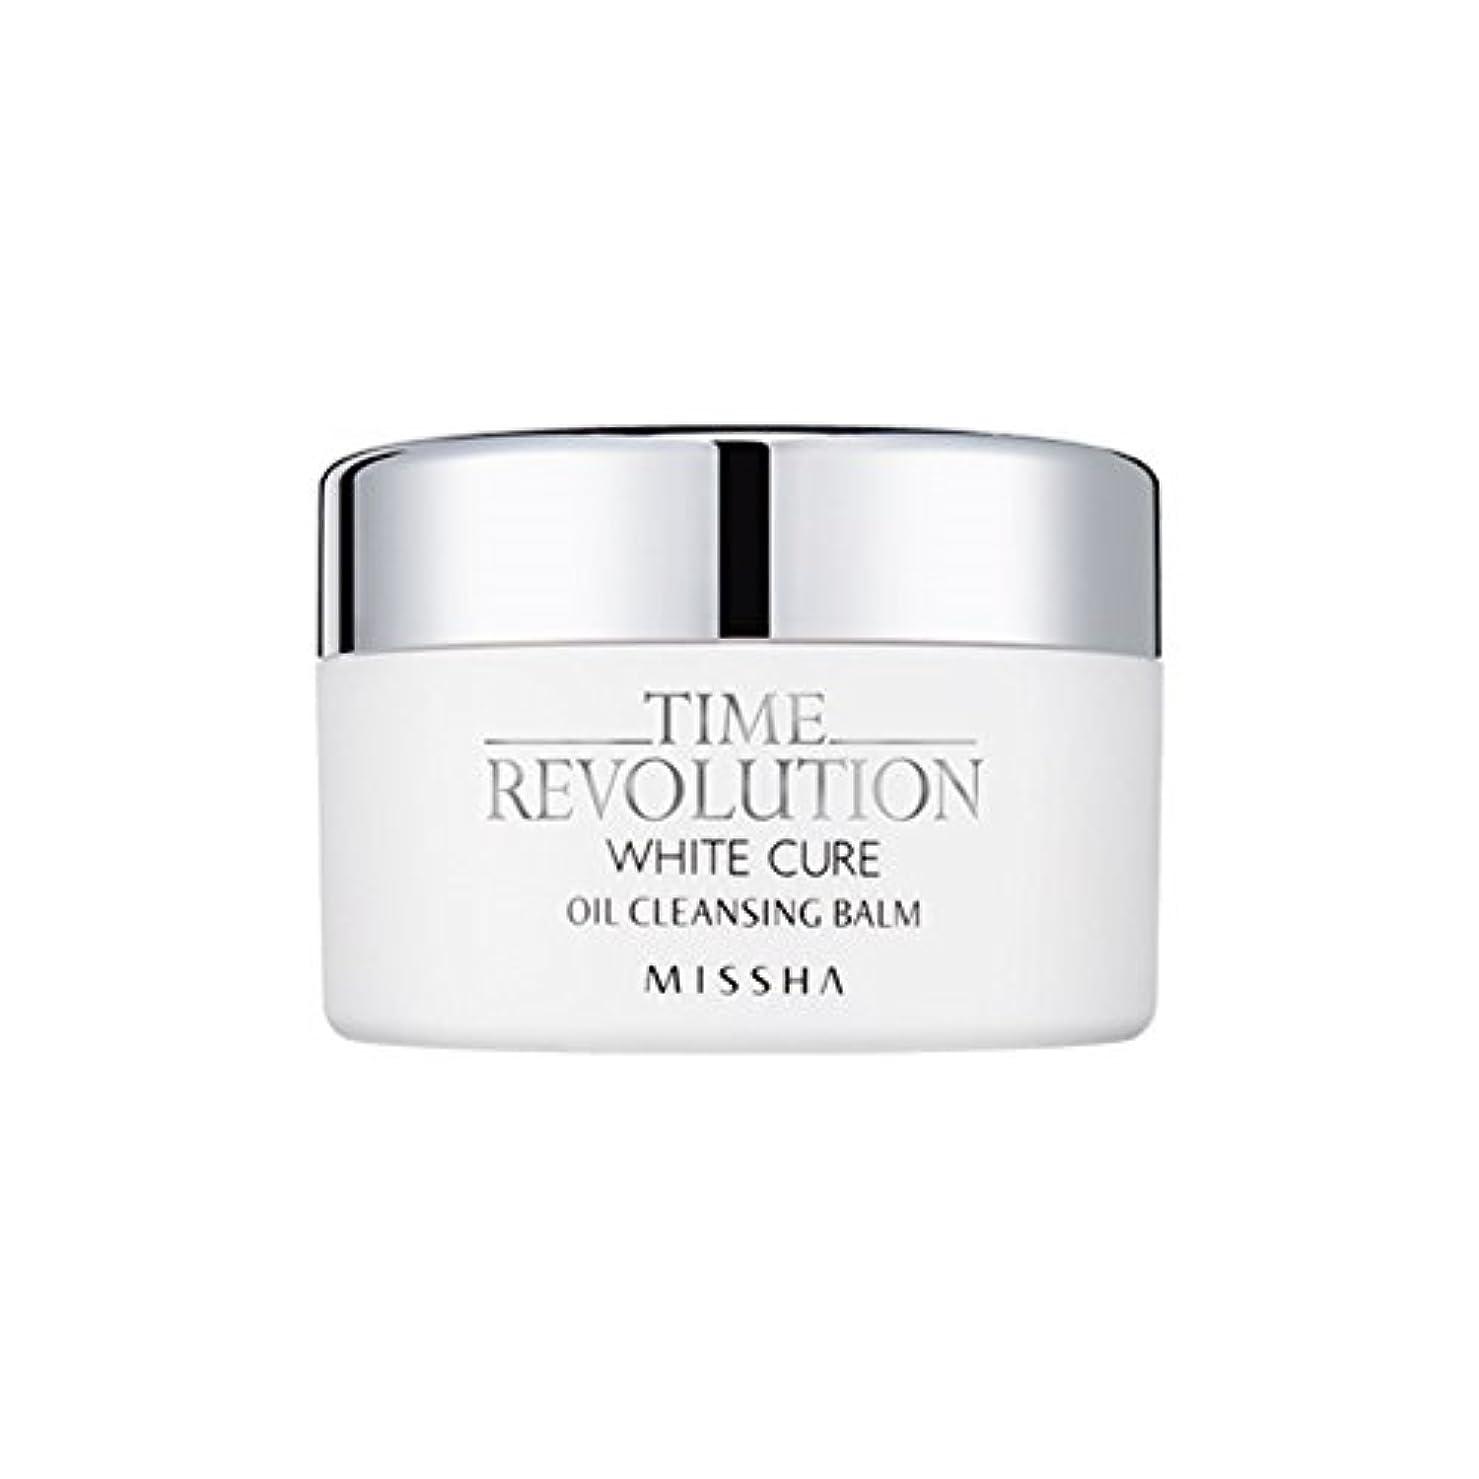 ハリケーン維持テザー[New] MISSHA Time Revolution White Cure Oil Cleansing Balm 105g/ミシャ タイムレボリューション ホワイト キュア オイル クレンジング バーム 105g